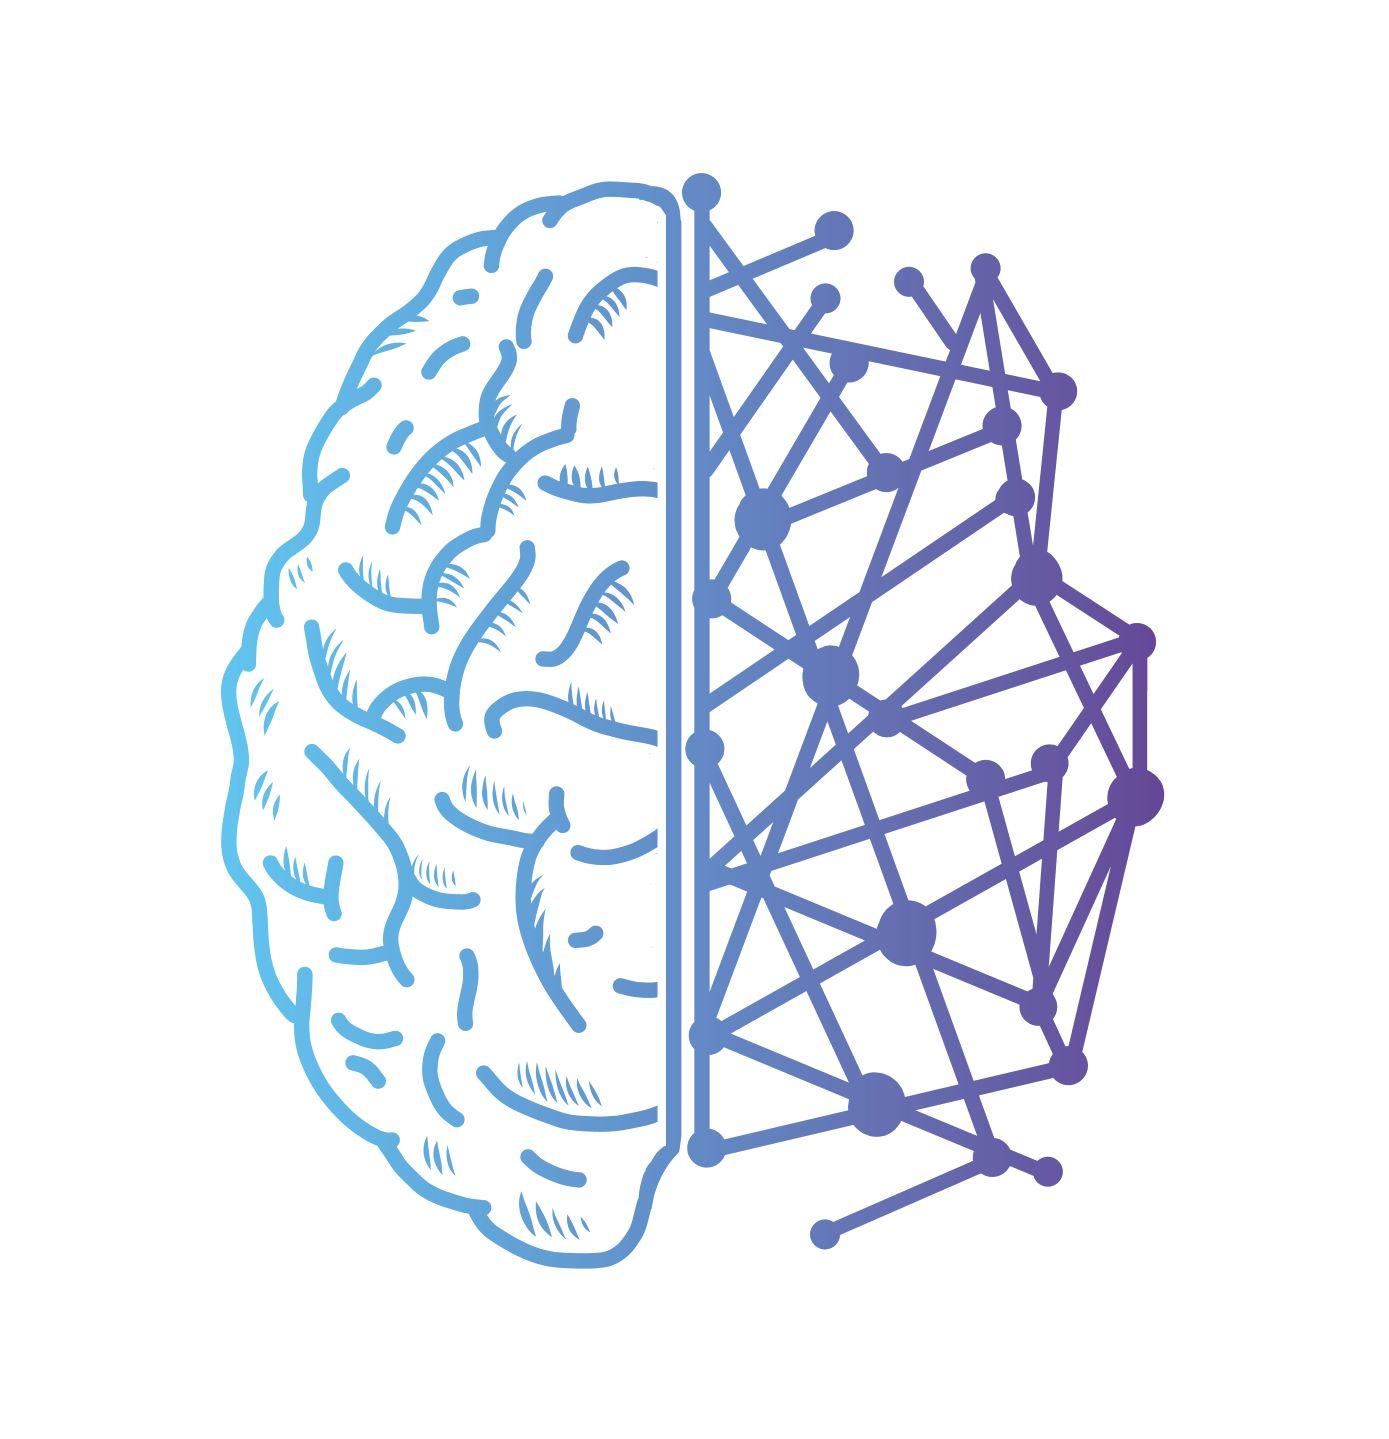 Brain AI Image